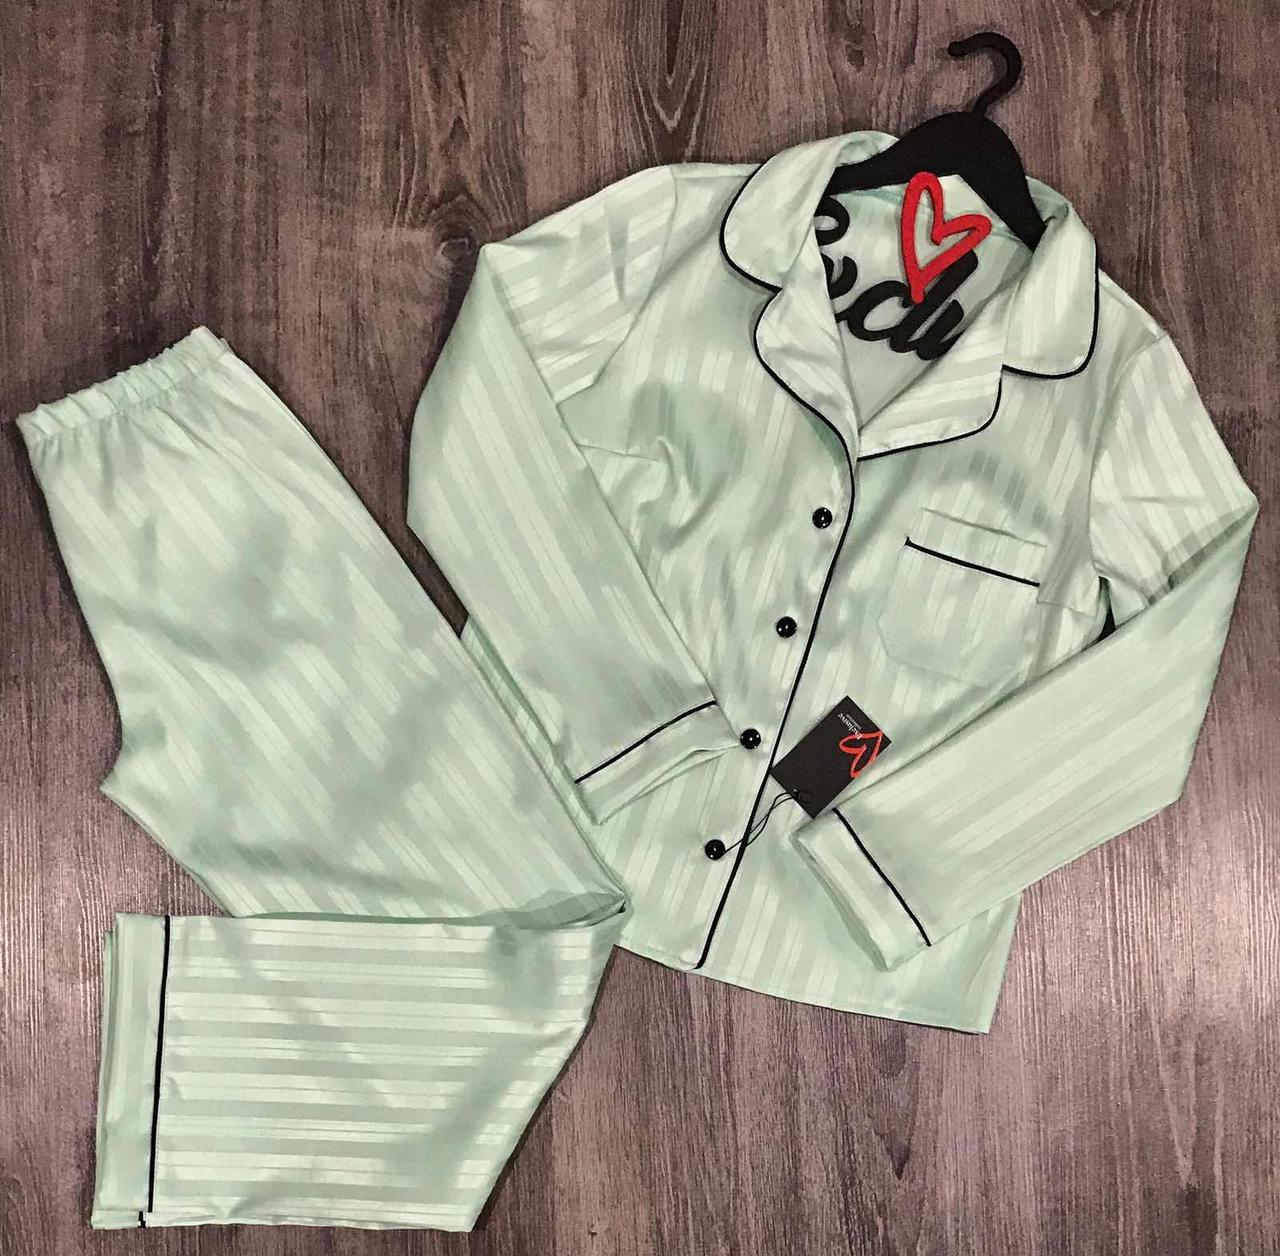 М'ятна брючна піжама Сорочка + штани. Стильний атласний комплект.